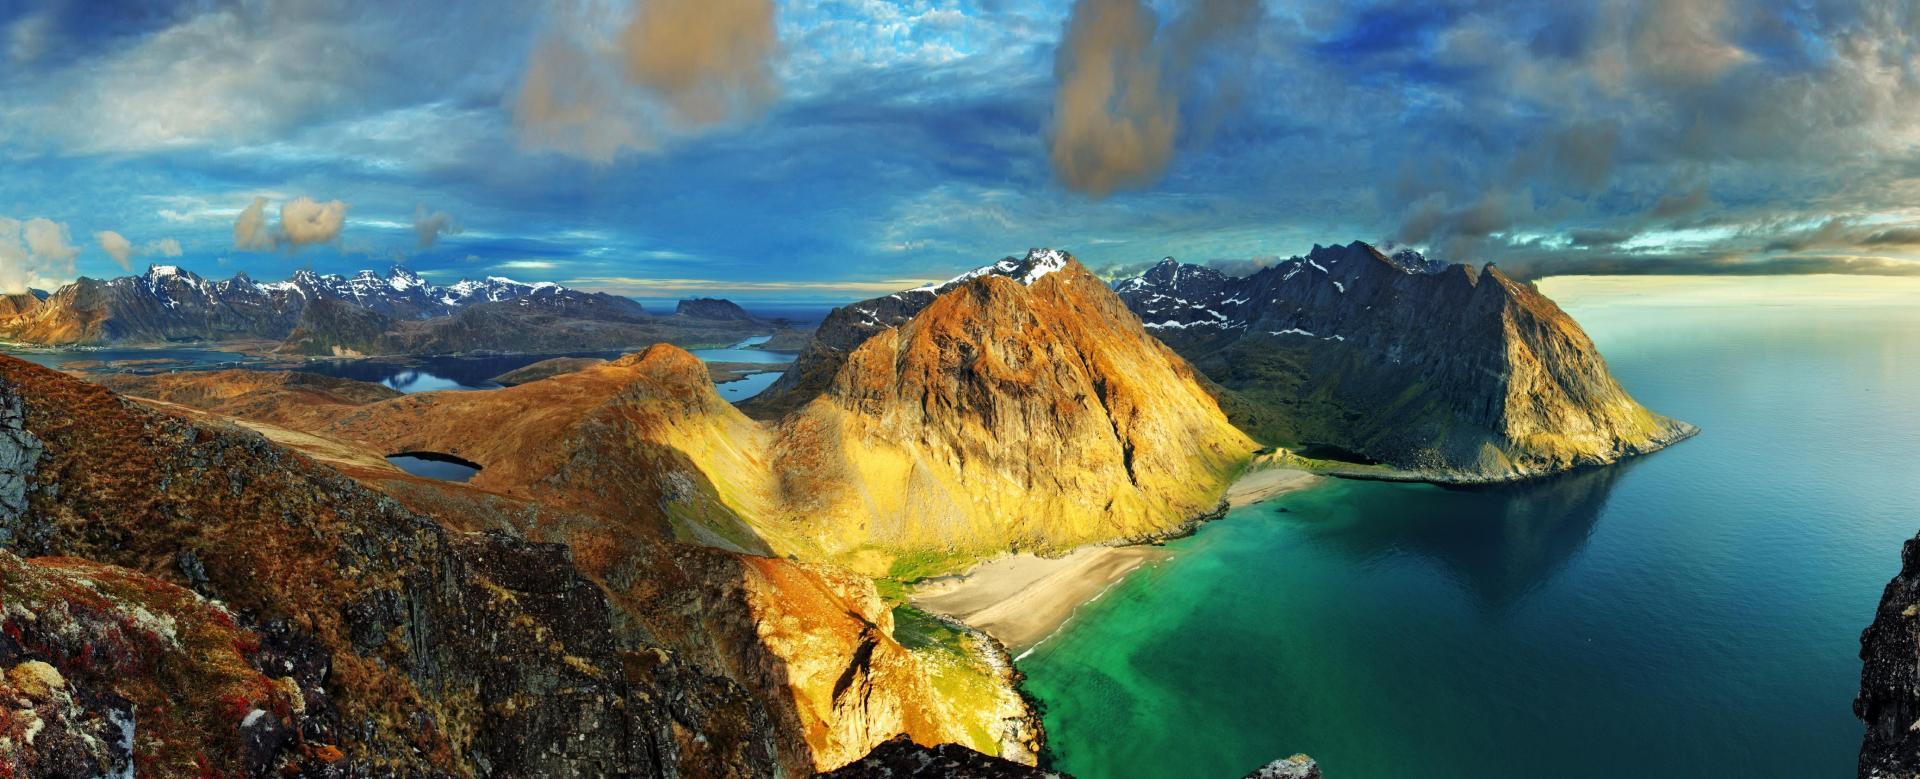 Voyage à pied : La grande traversée des îles lofoten